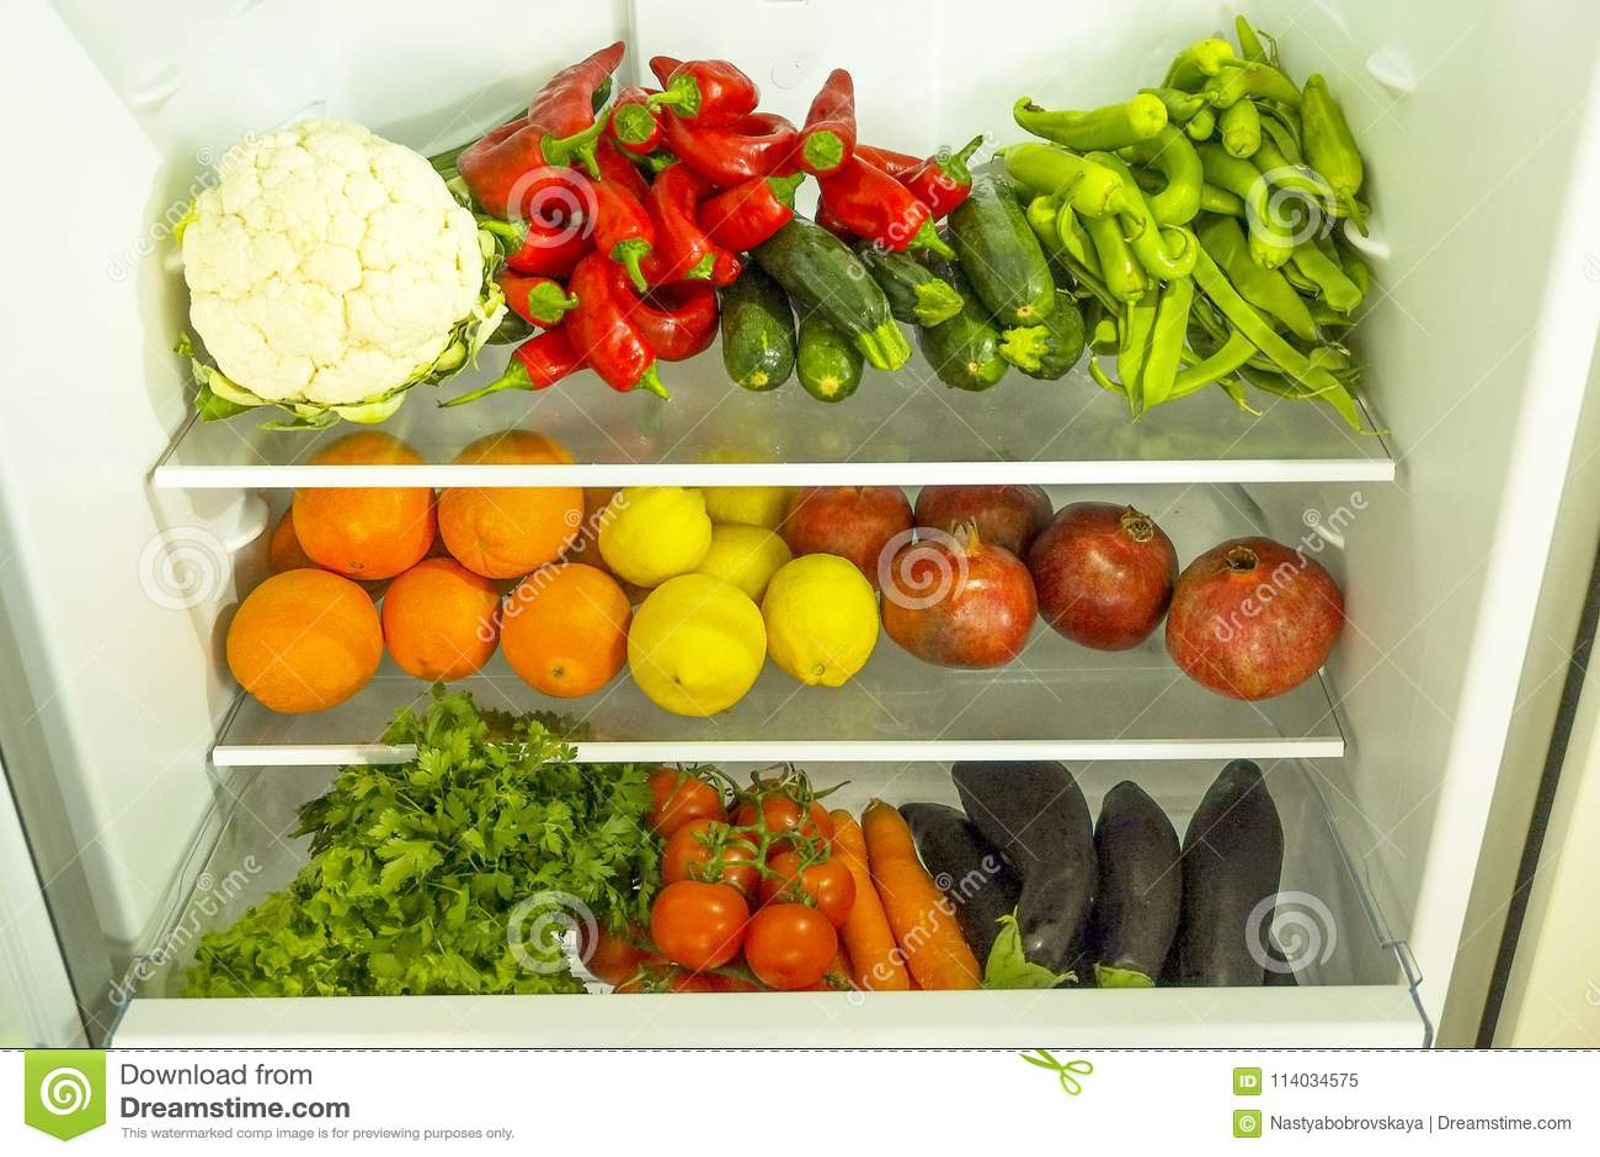 Limpie diversa mezcla de la verdura y de la fruta estacada en los estantes del refrigerador abierto Luz del día, productos orgáni